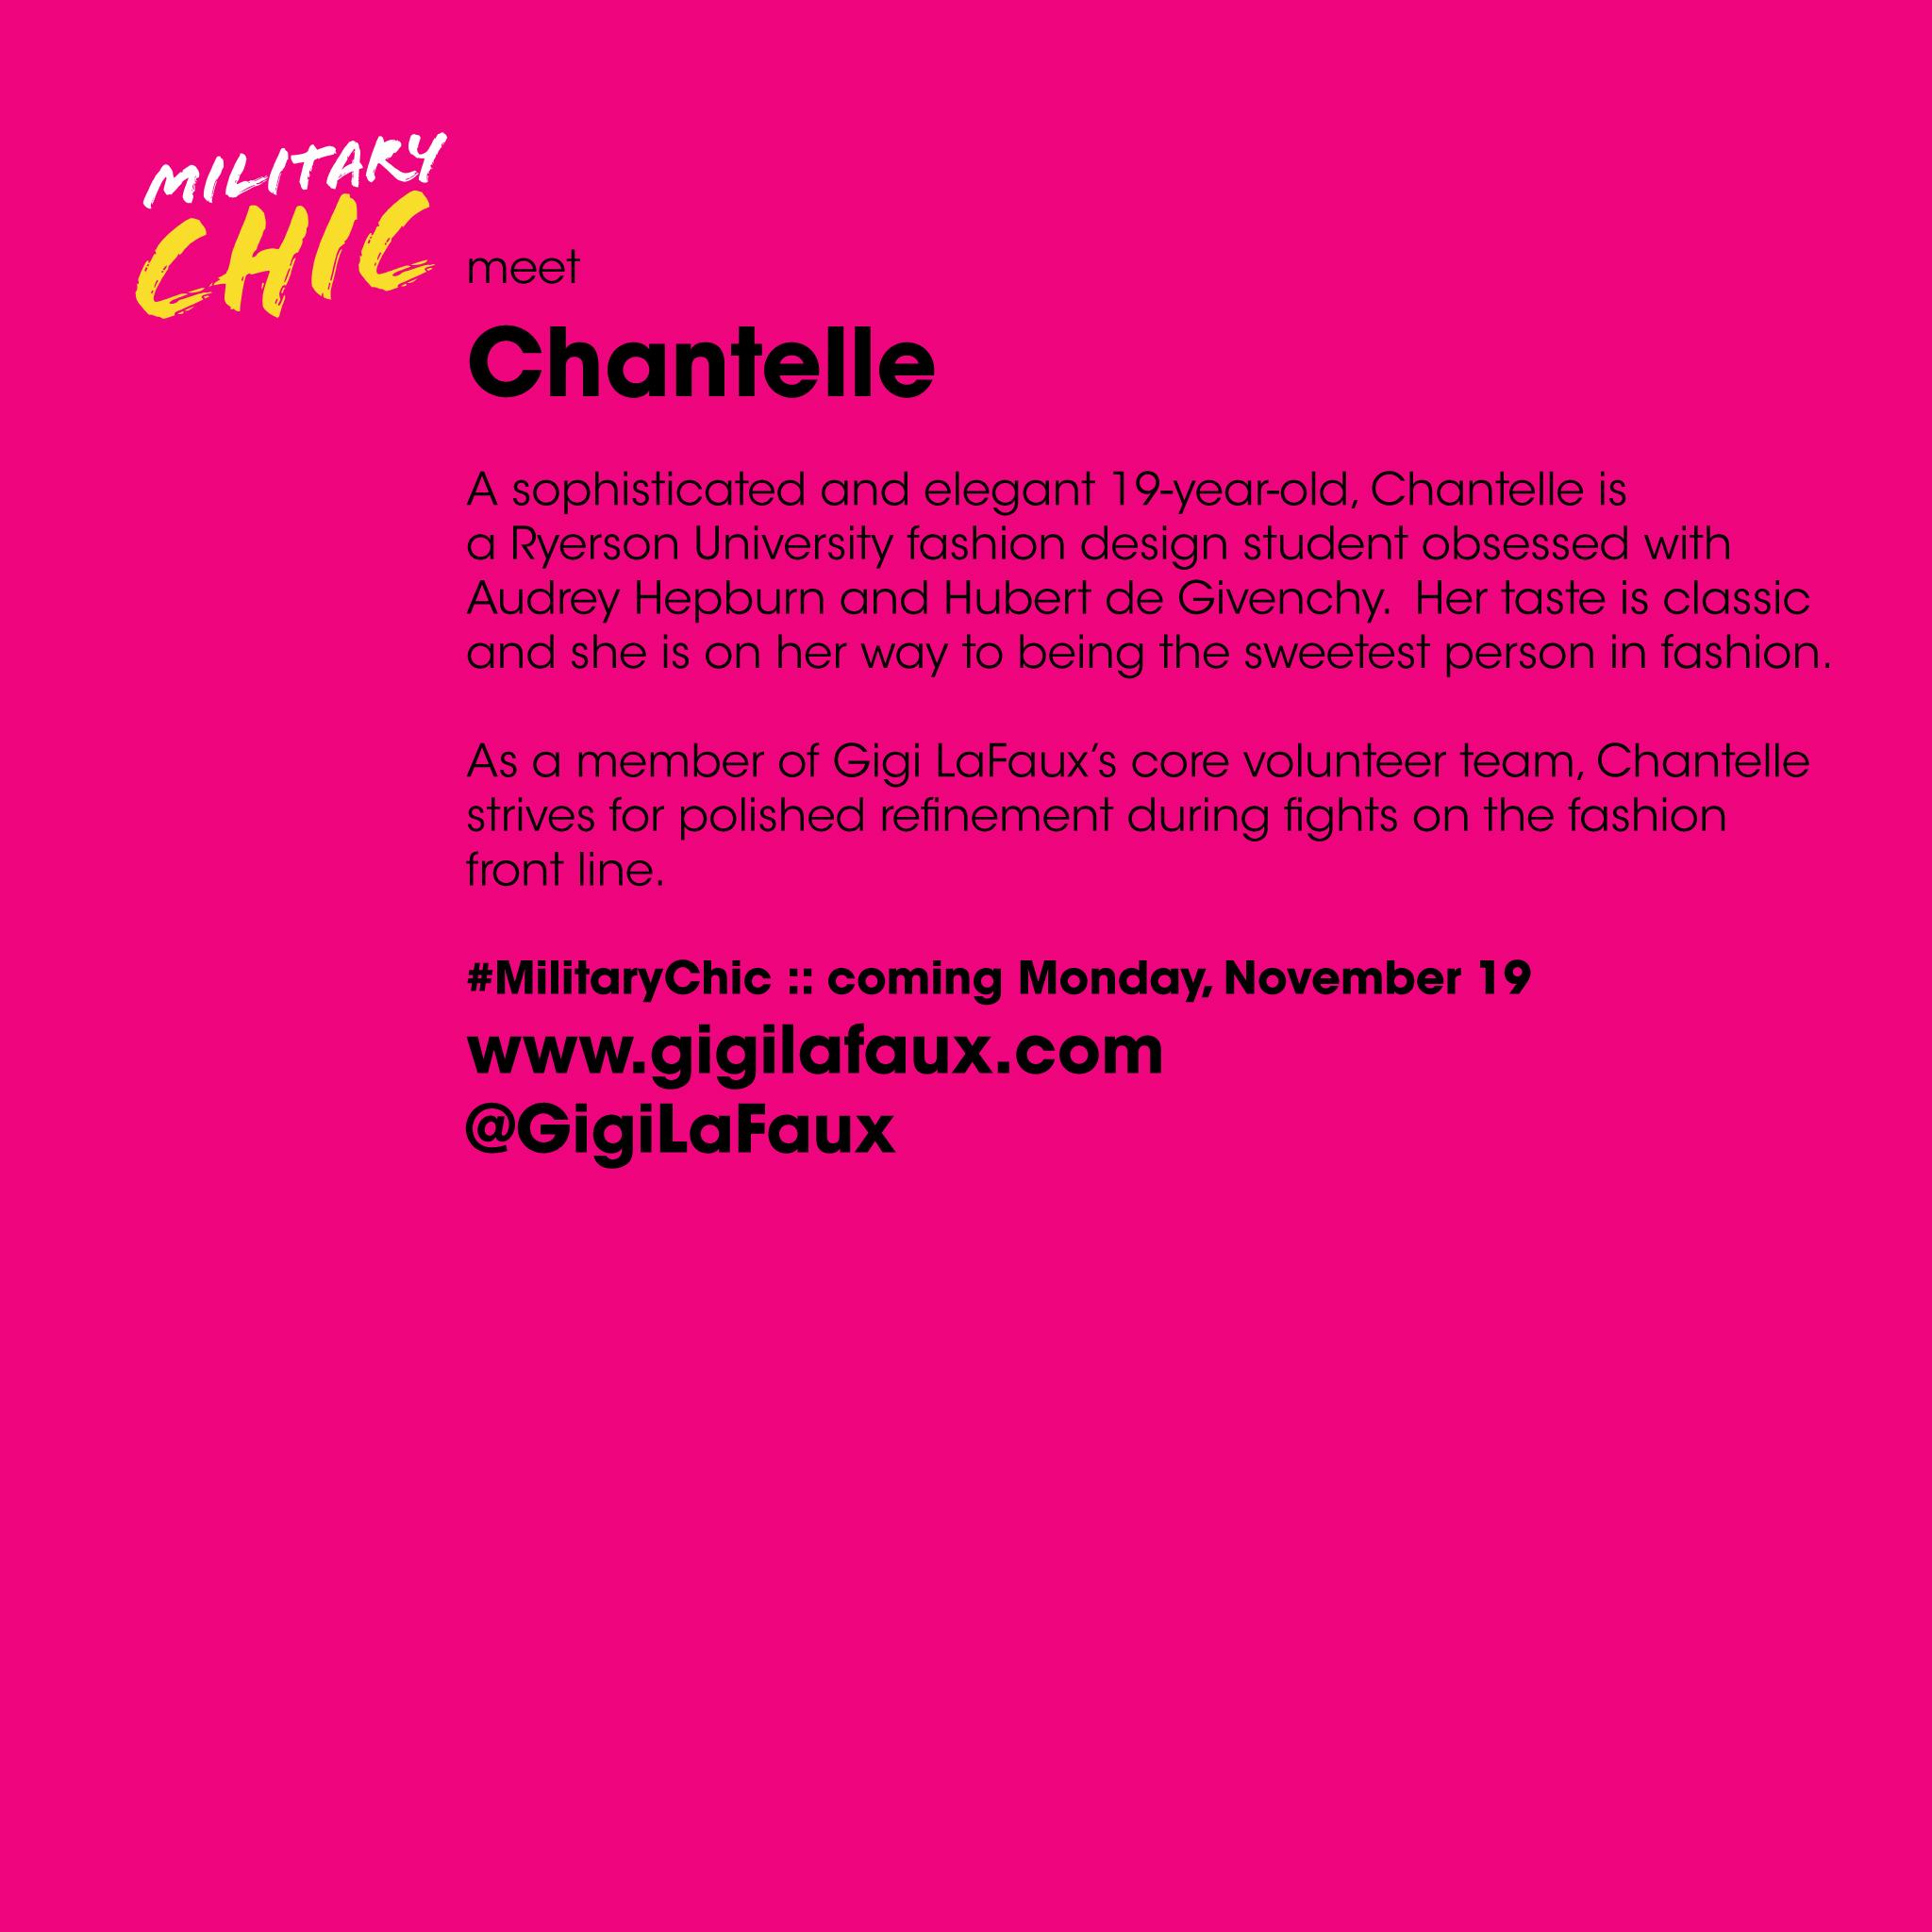 Meet-Chantelle.jpg